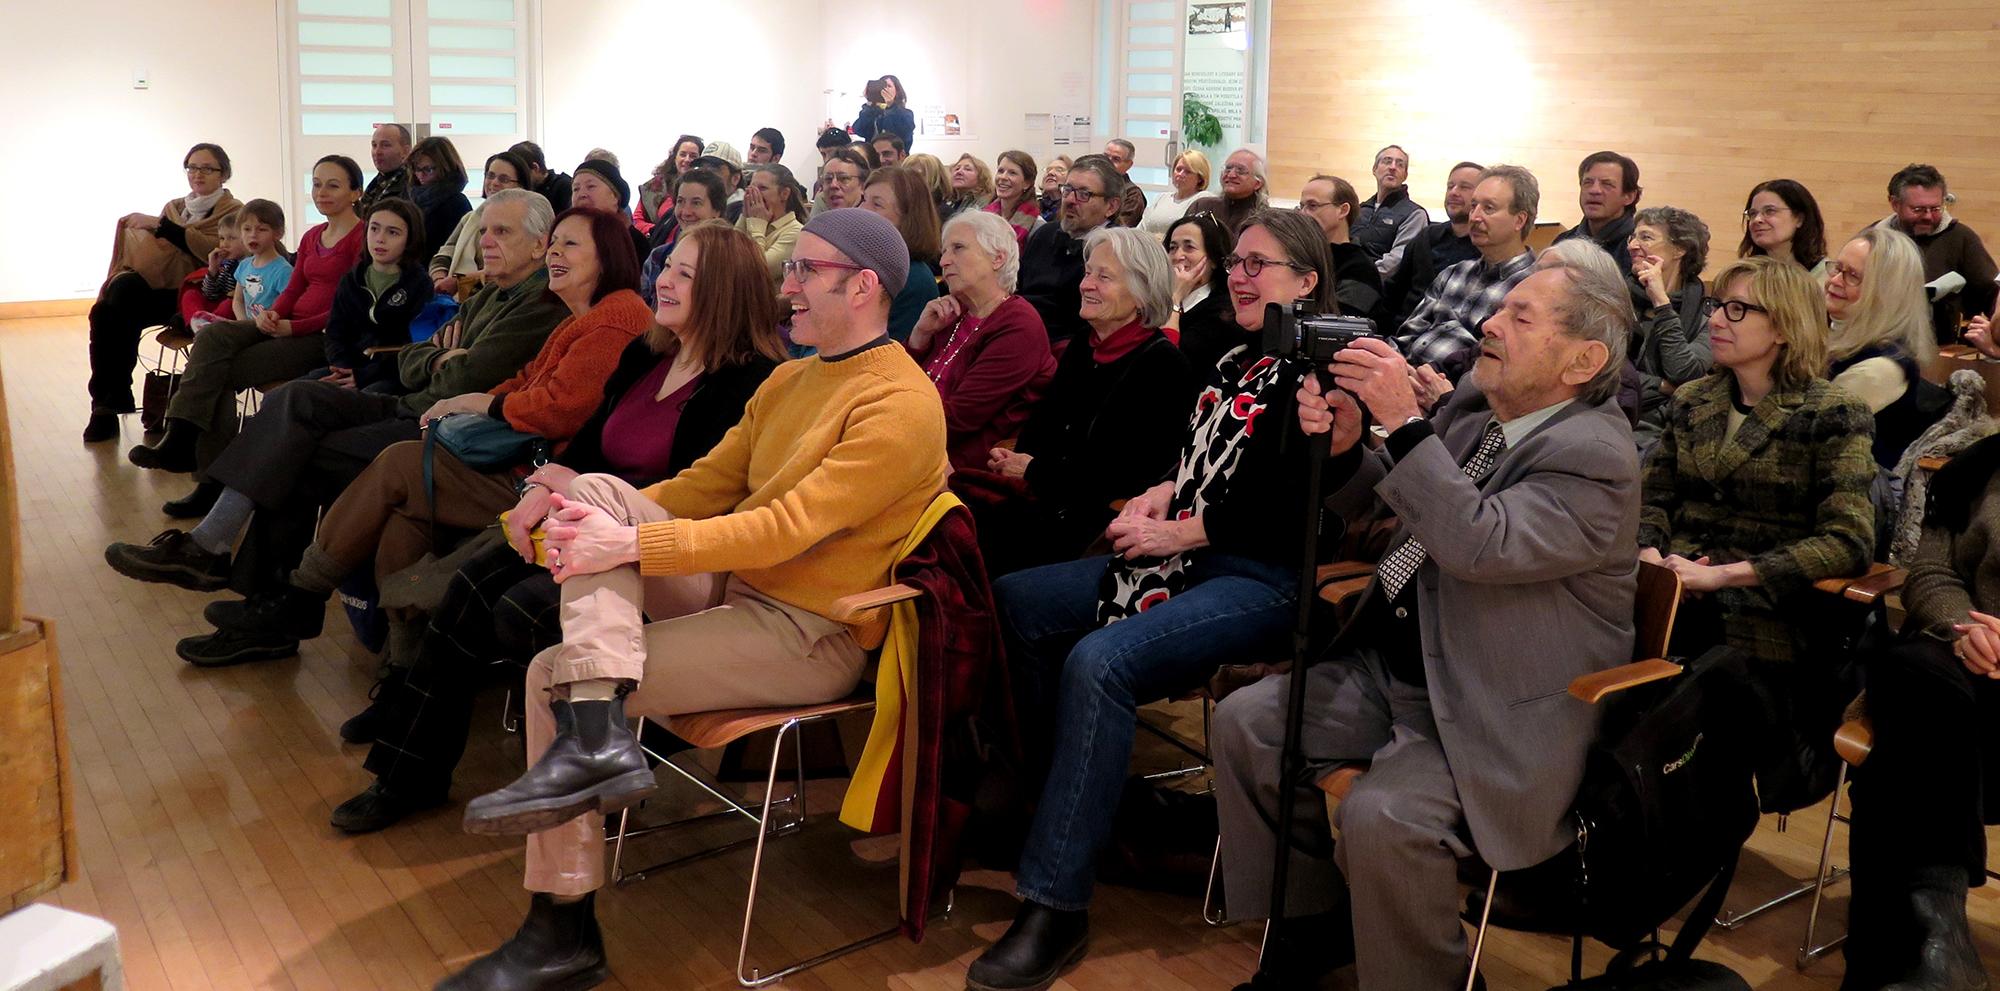 IMG_2315 audience smiling copy.jpg